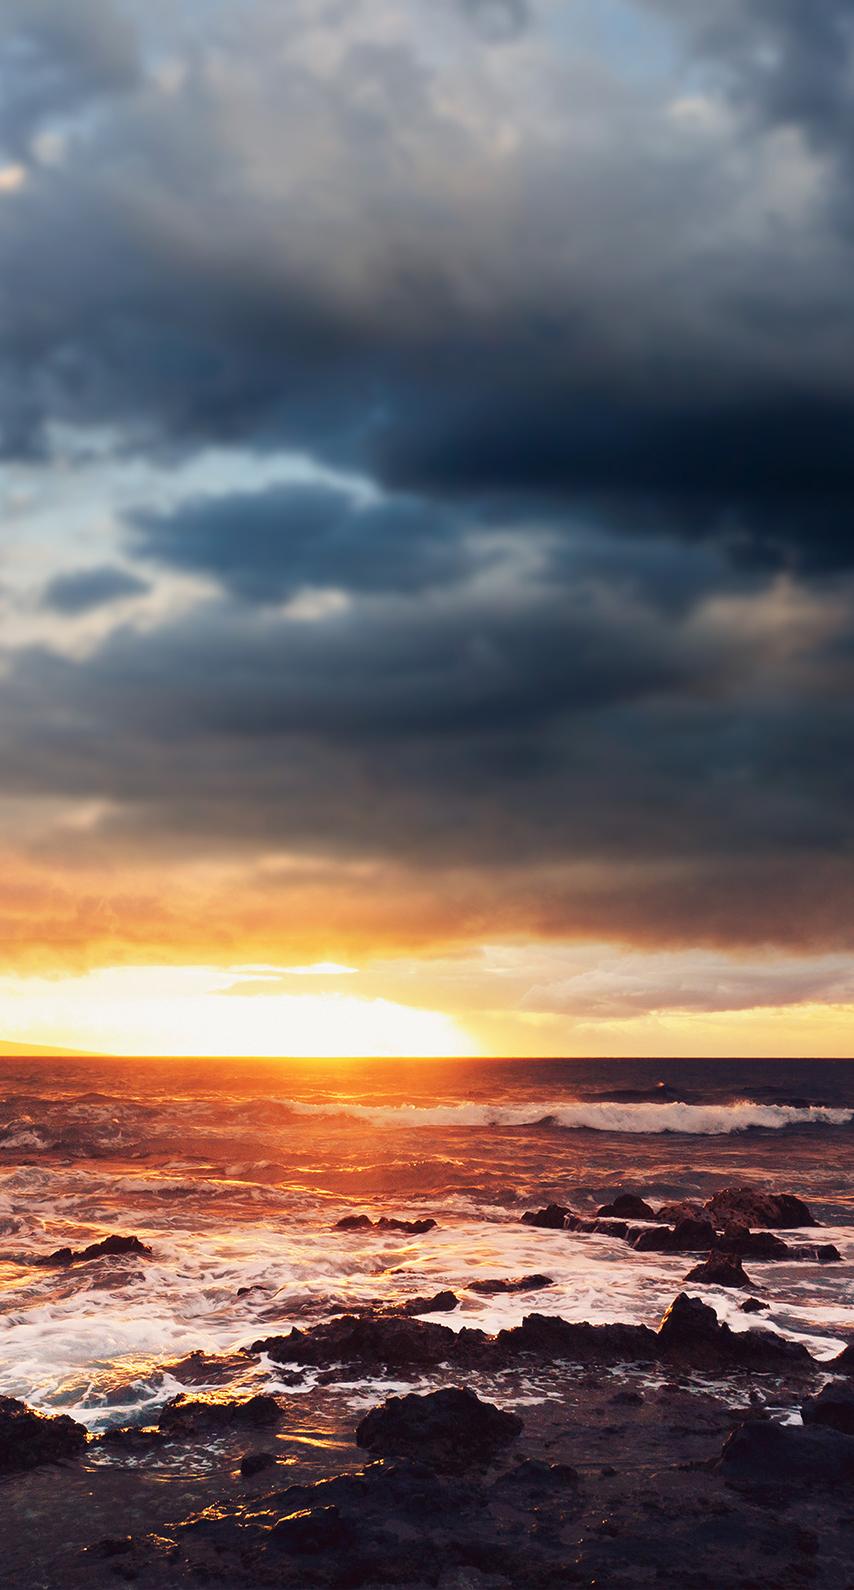 nature, sea, water, ocean